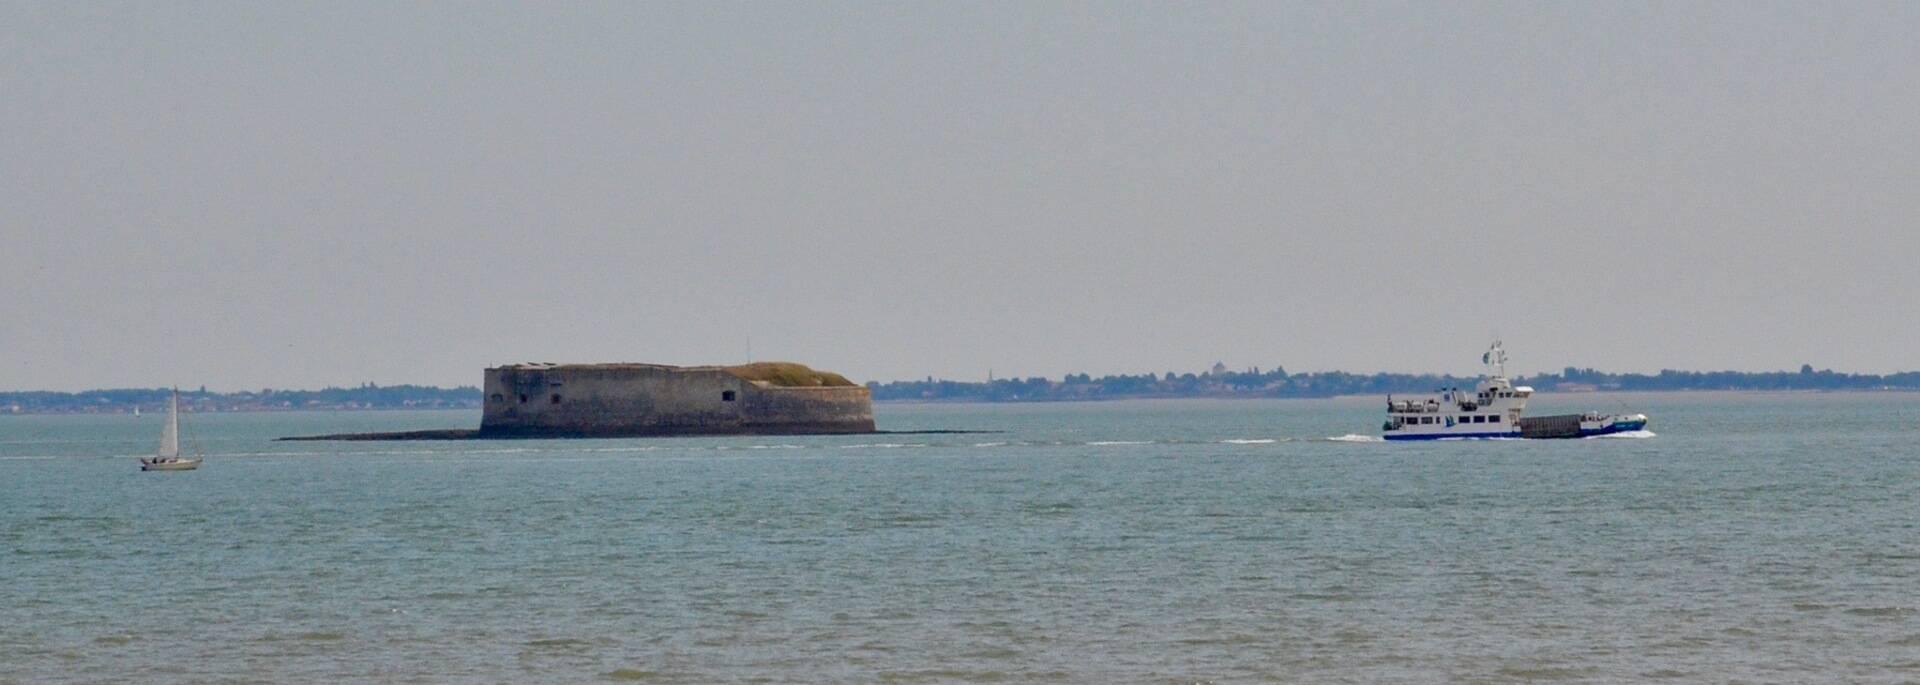 Bac de l'Ile d'Aix proche du Fort Enet - © Samuel Courtois